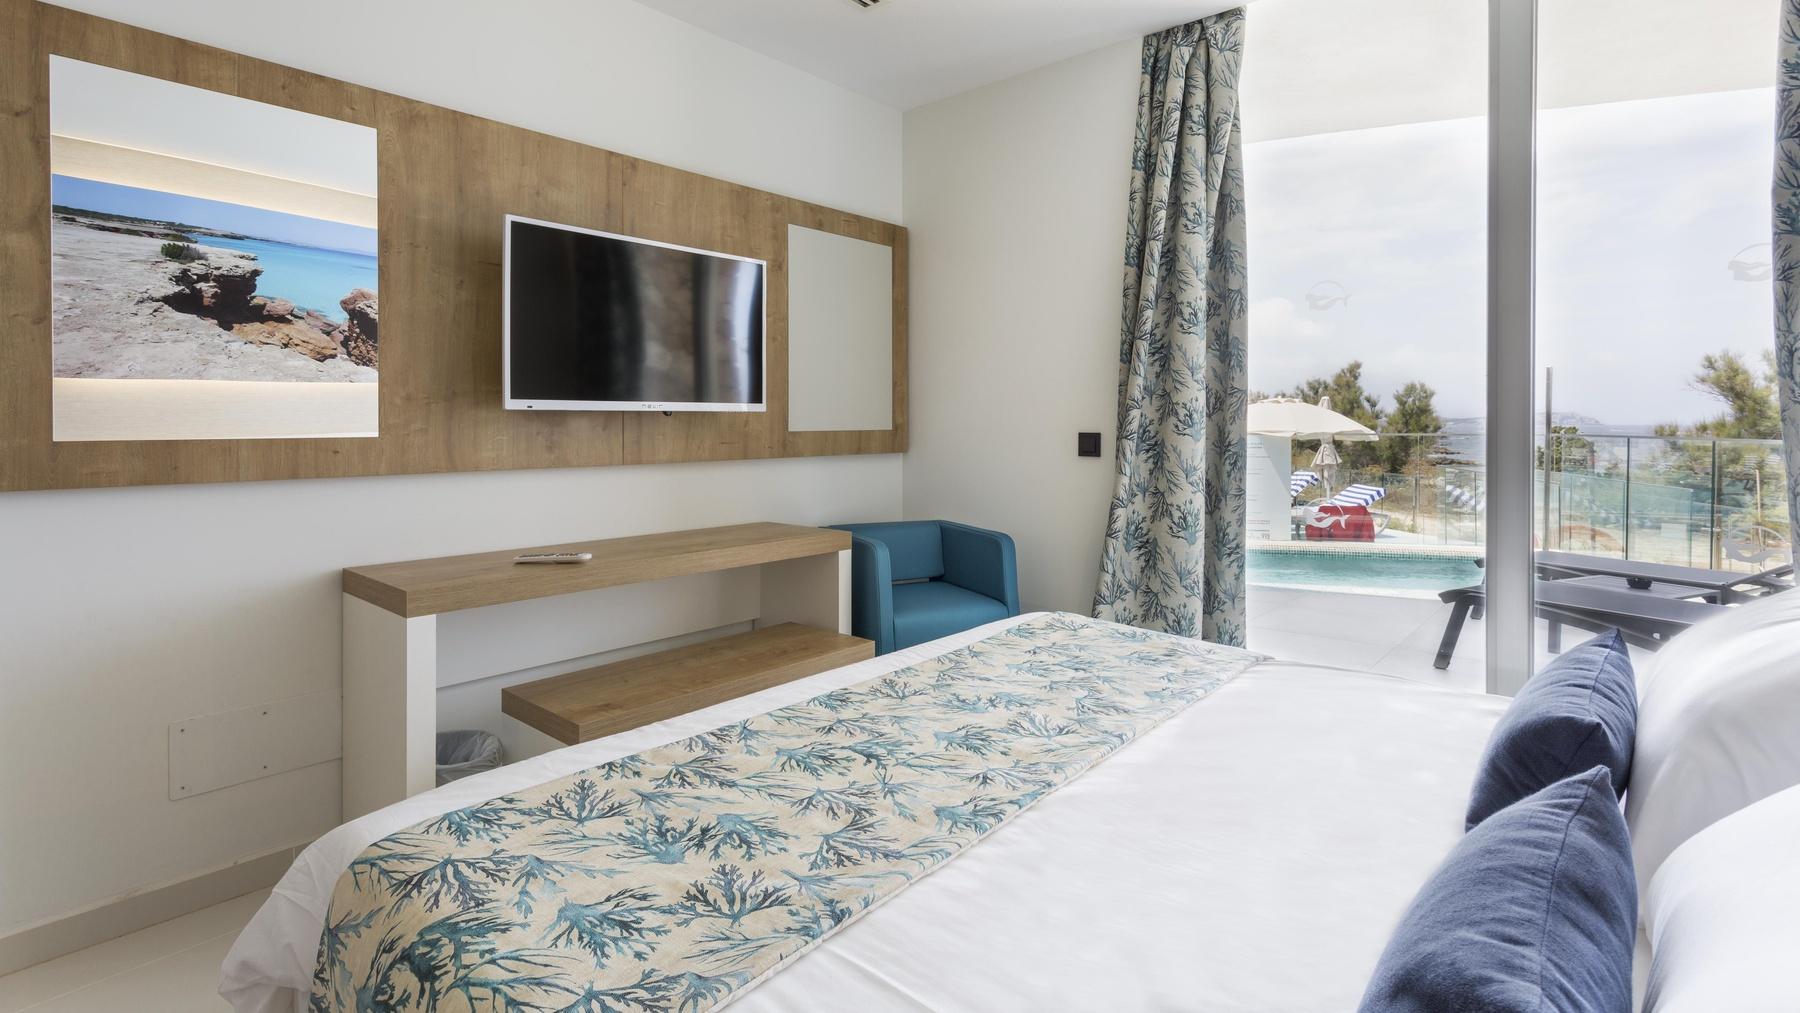 Deluxe Master Suite 2 bedrooms, whirlpool